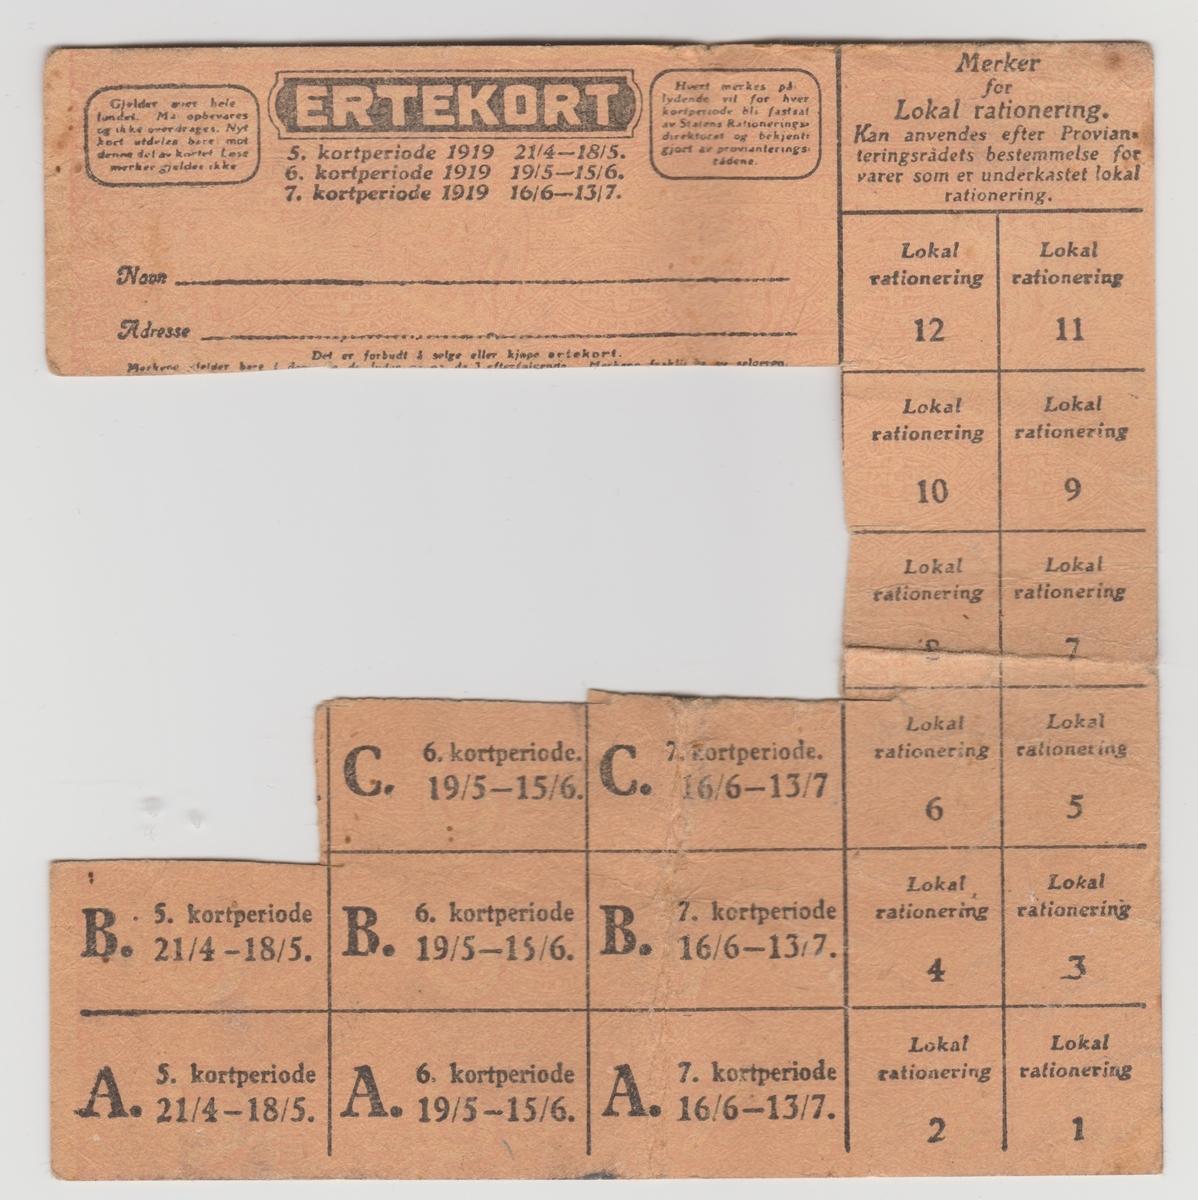 Ulike rasjoneringskort for sukker, kaffe, erter, fett, brød og korn, mel, såpe, kafferstatning.